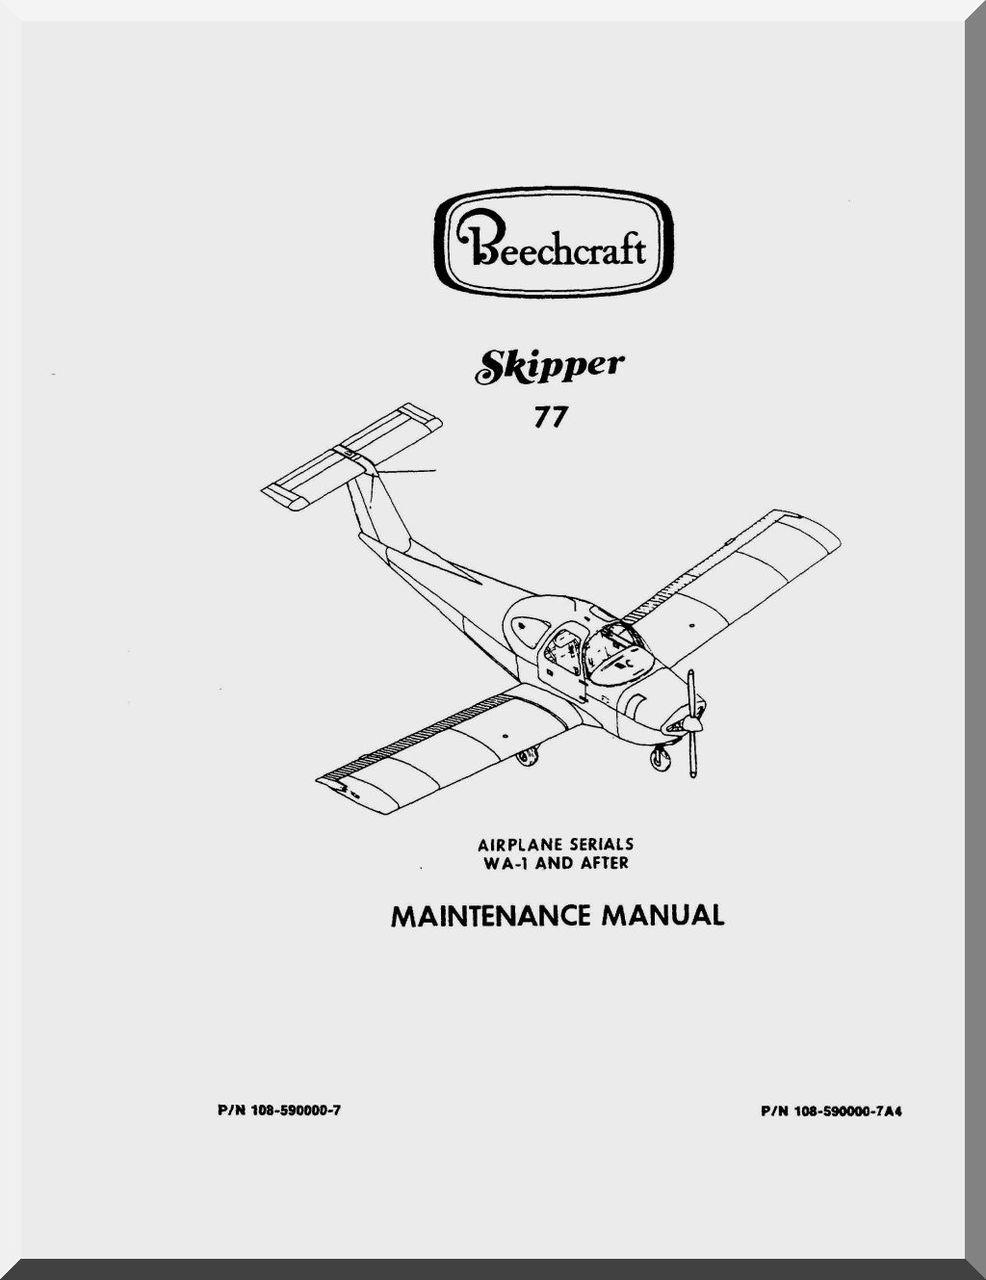 beechcraft skipper 77 aircraft maintenance manual aircraft rh aircraft reports com aircraft maintenance manual subsription aircraft maintenance manual supplement